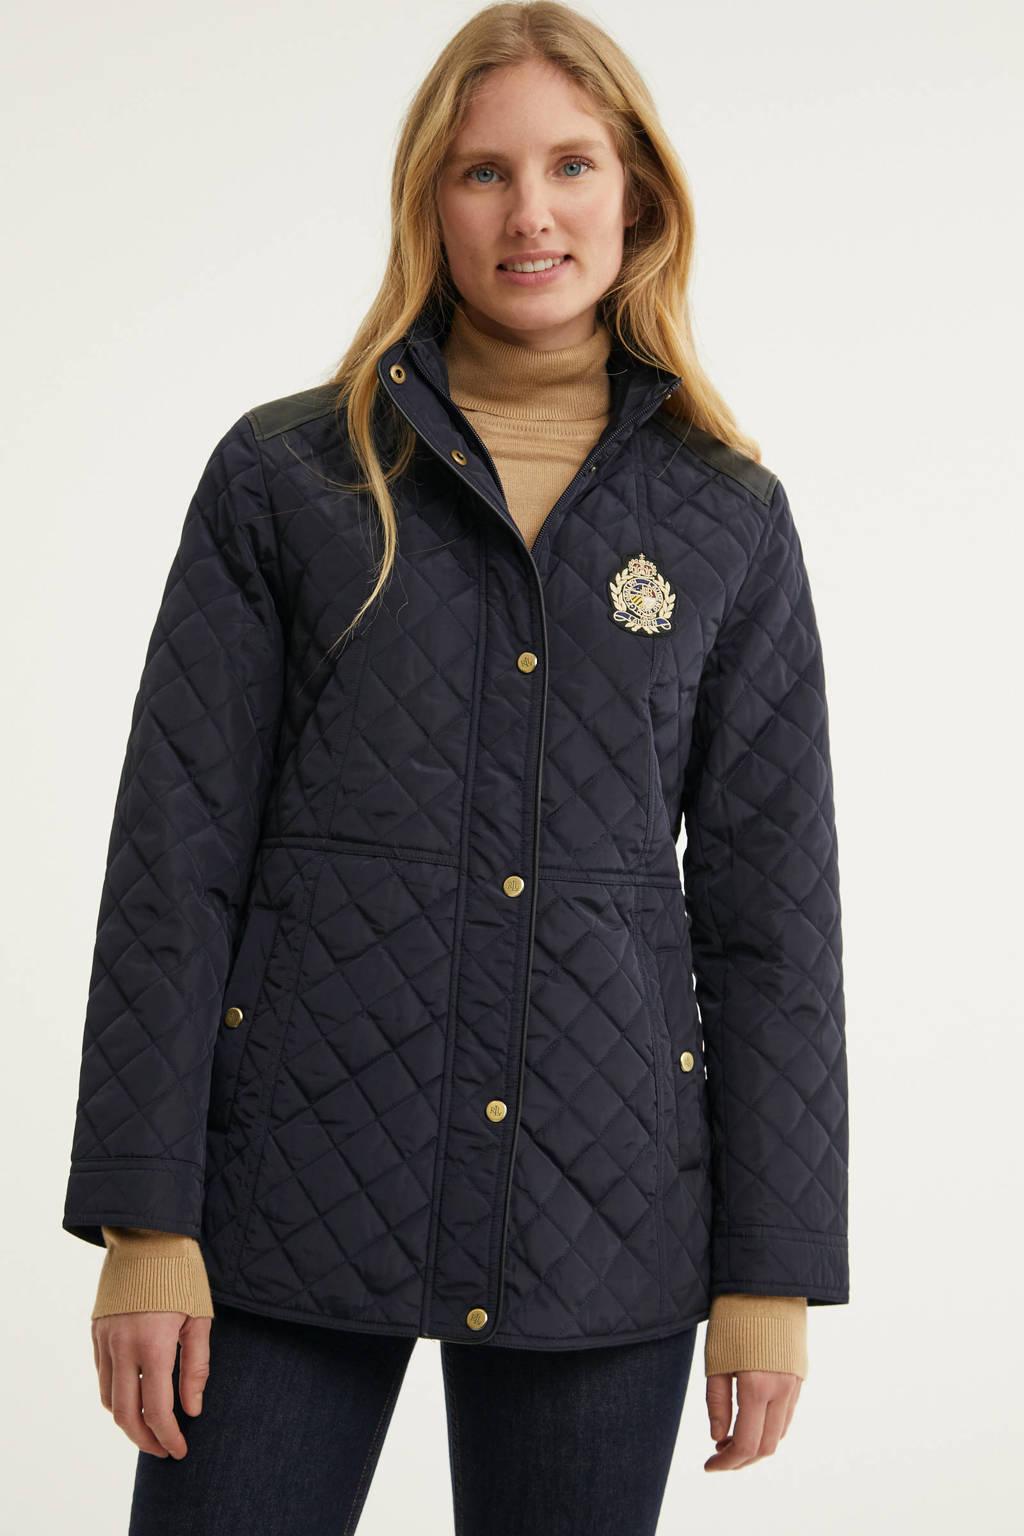 Lauren Ralph Lauren gewatteerde jas zwart, Marine